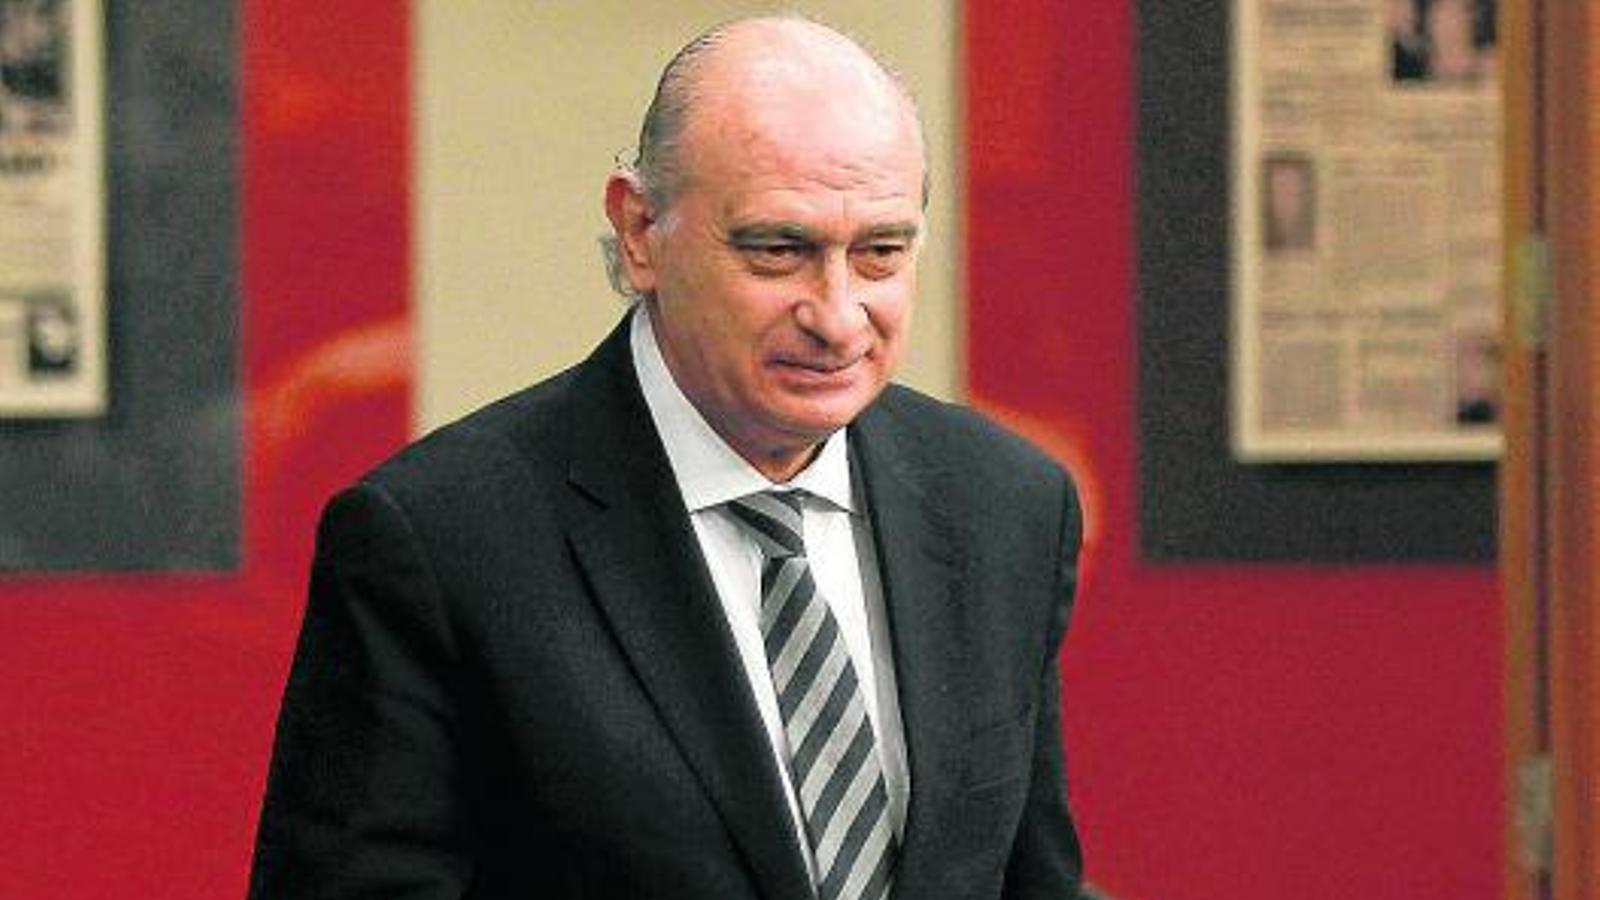 Ofendre espanya ser multat amb euros for Ministre interior